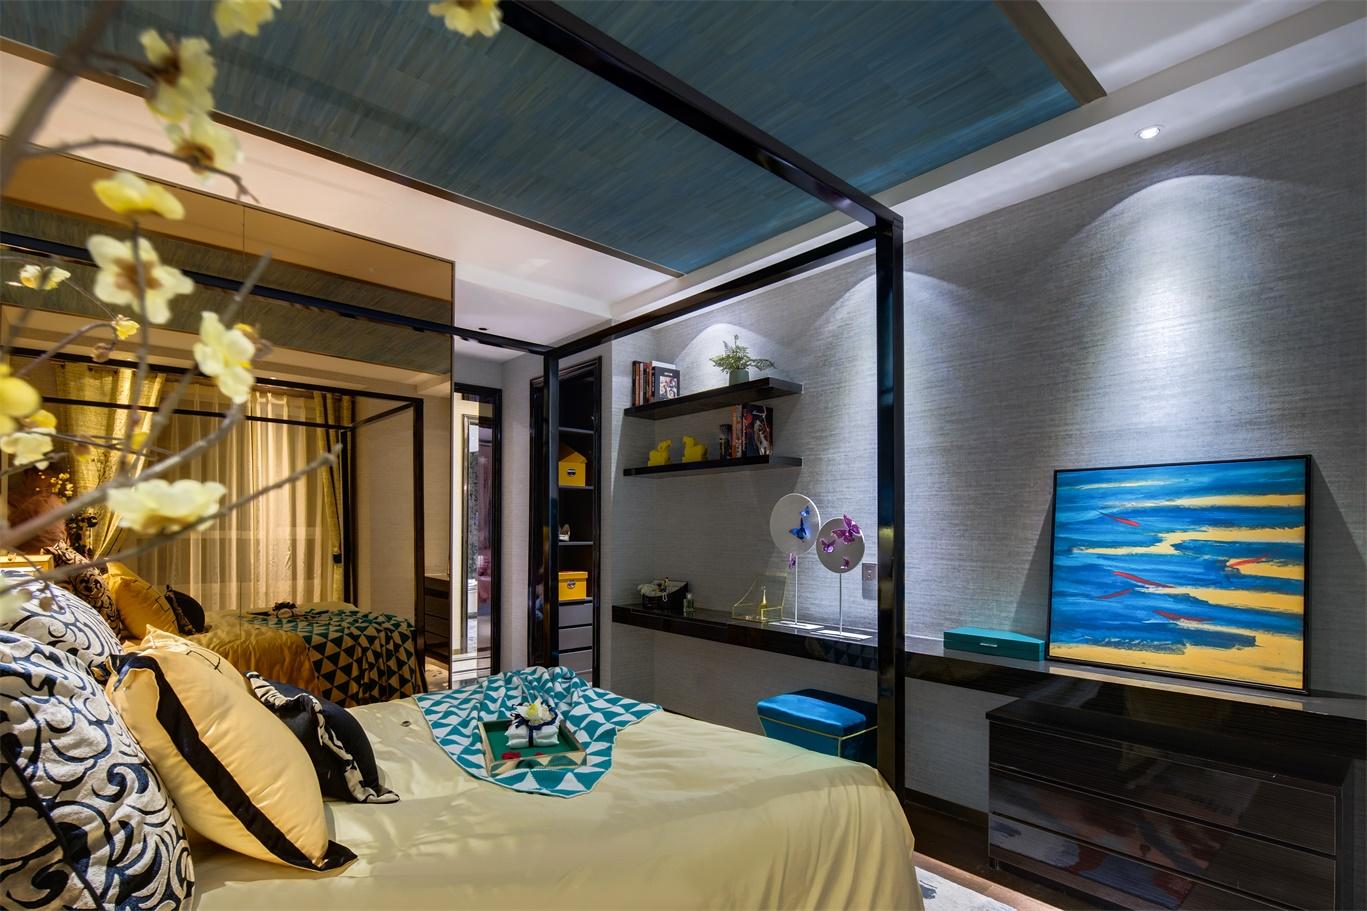 卧室设计传承了中式文化精髓,衬托出主人的品味与格调,打造出具有中式贵族气质的家装氛围。